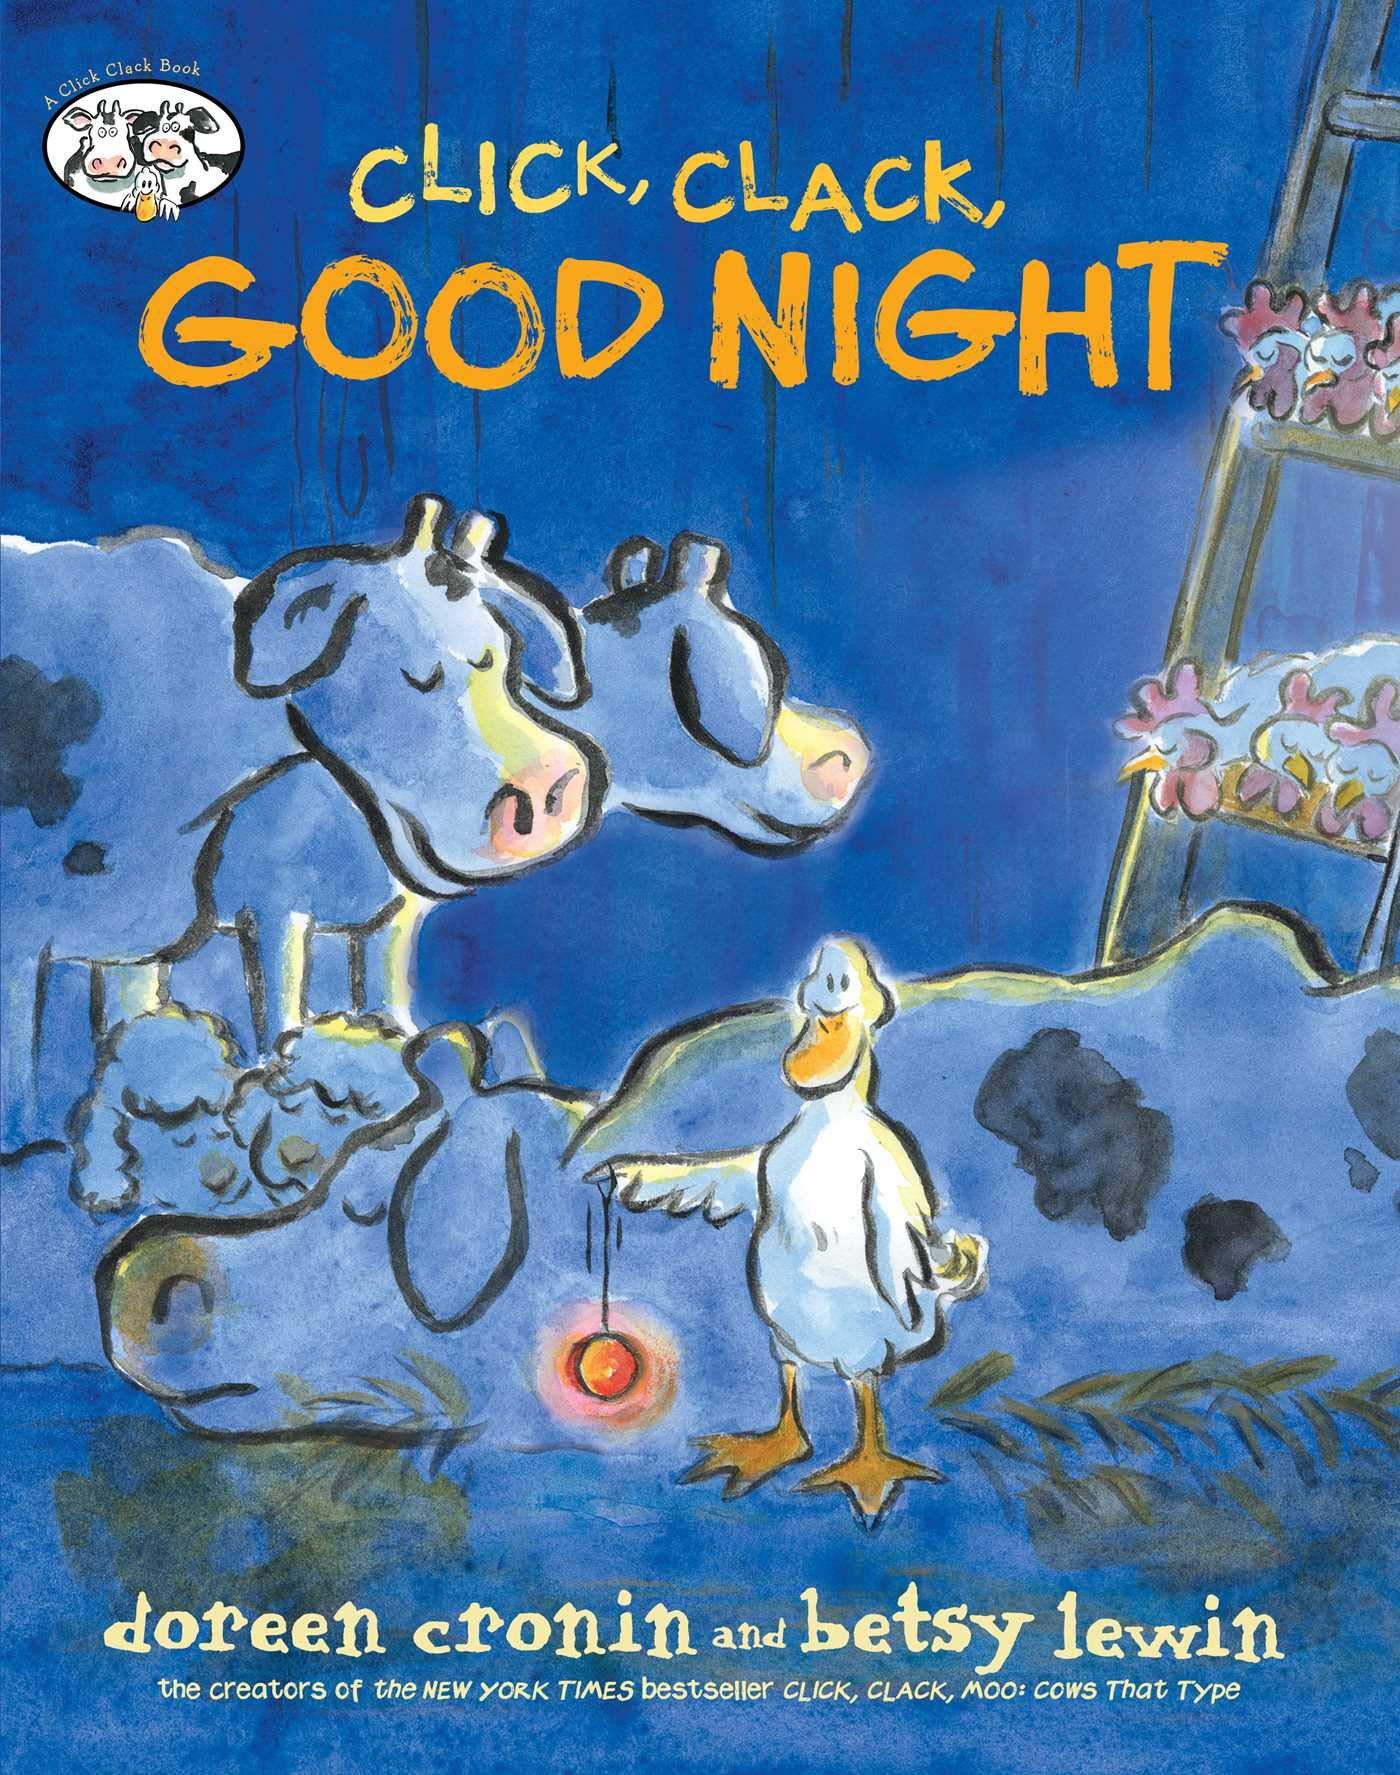 Click, clack, good night